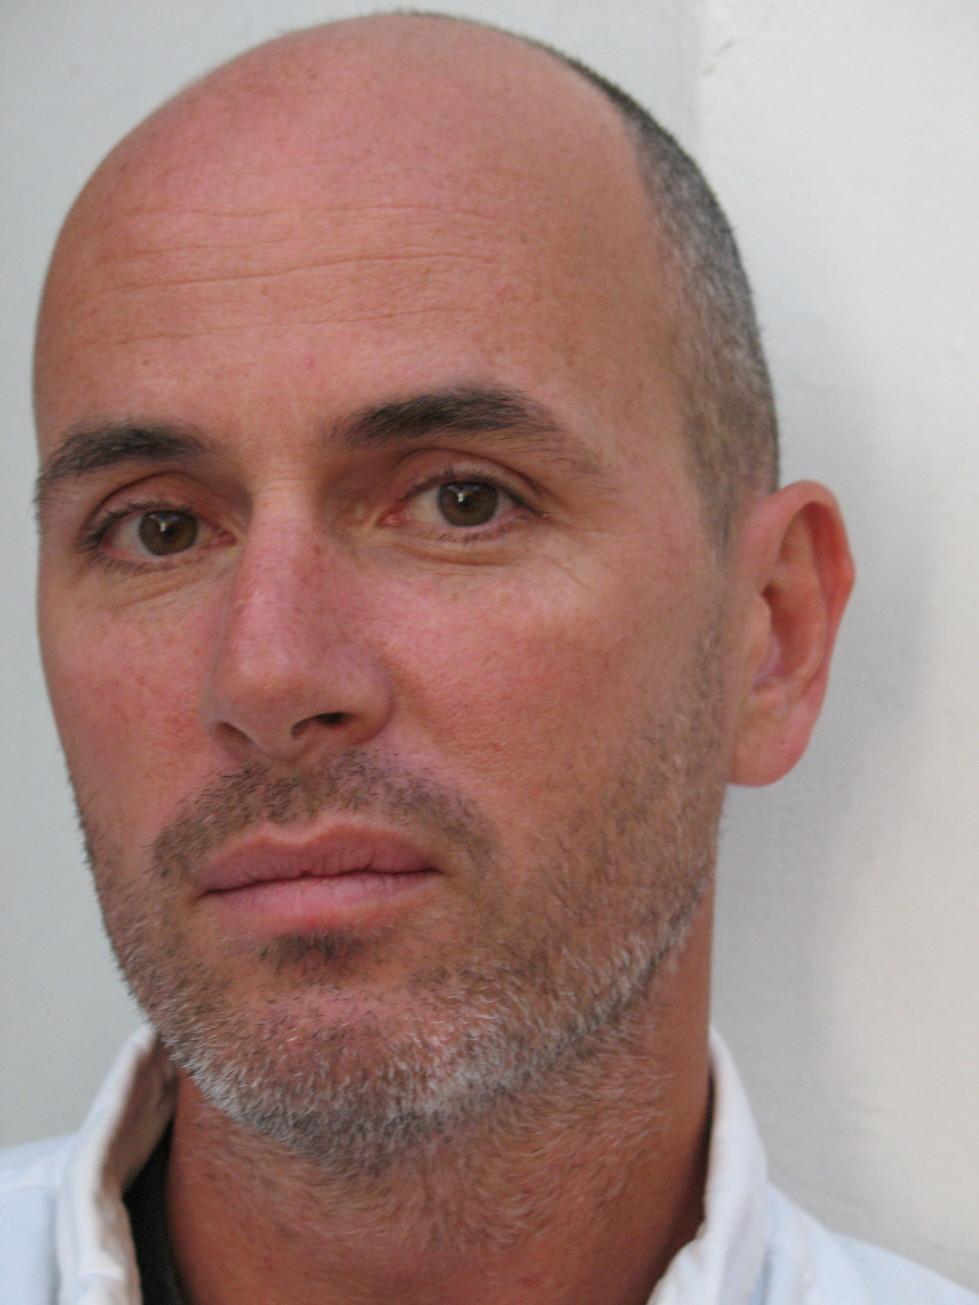 Michael Bazzett